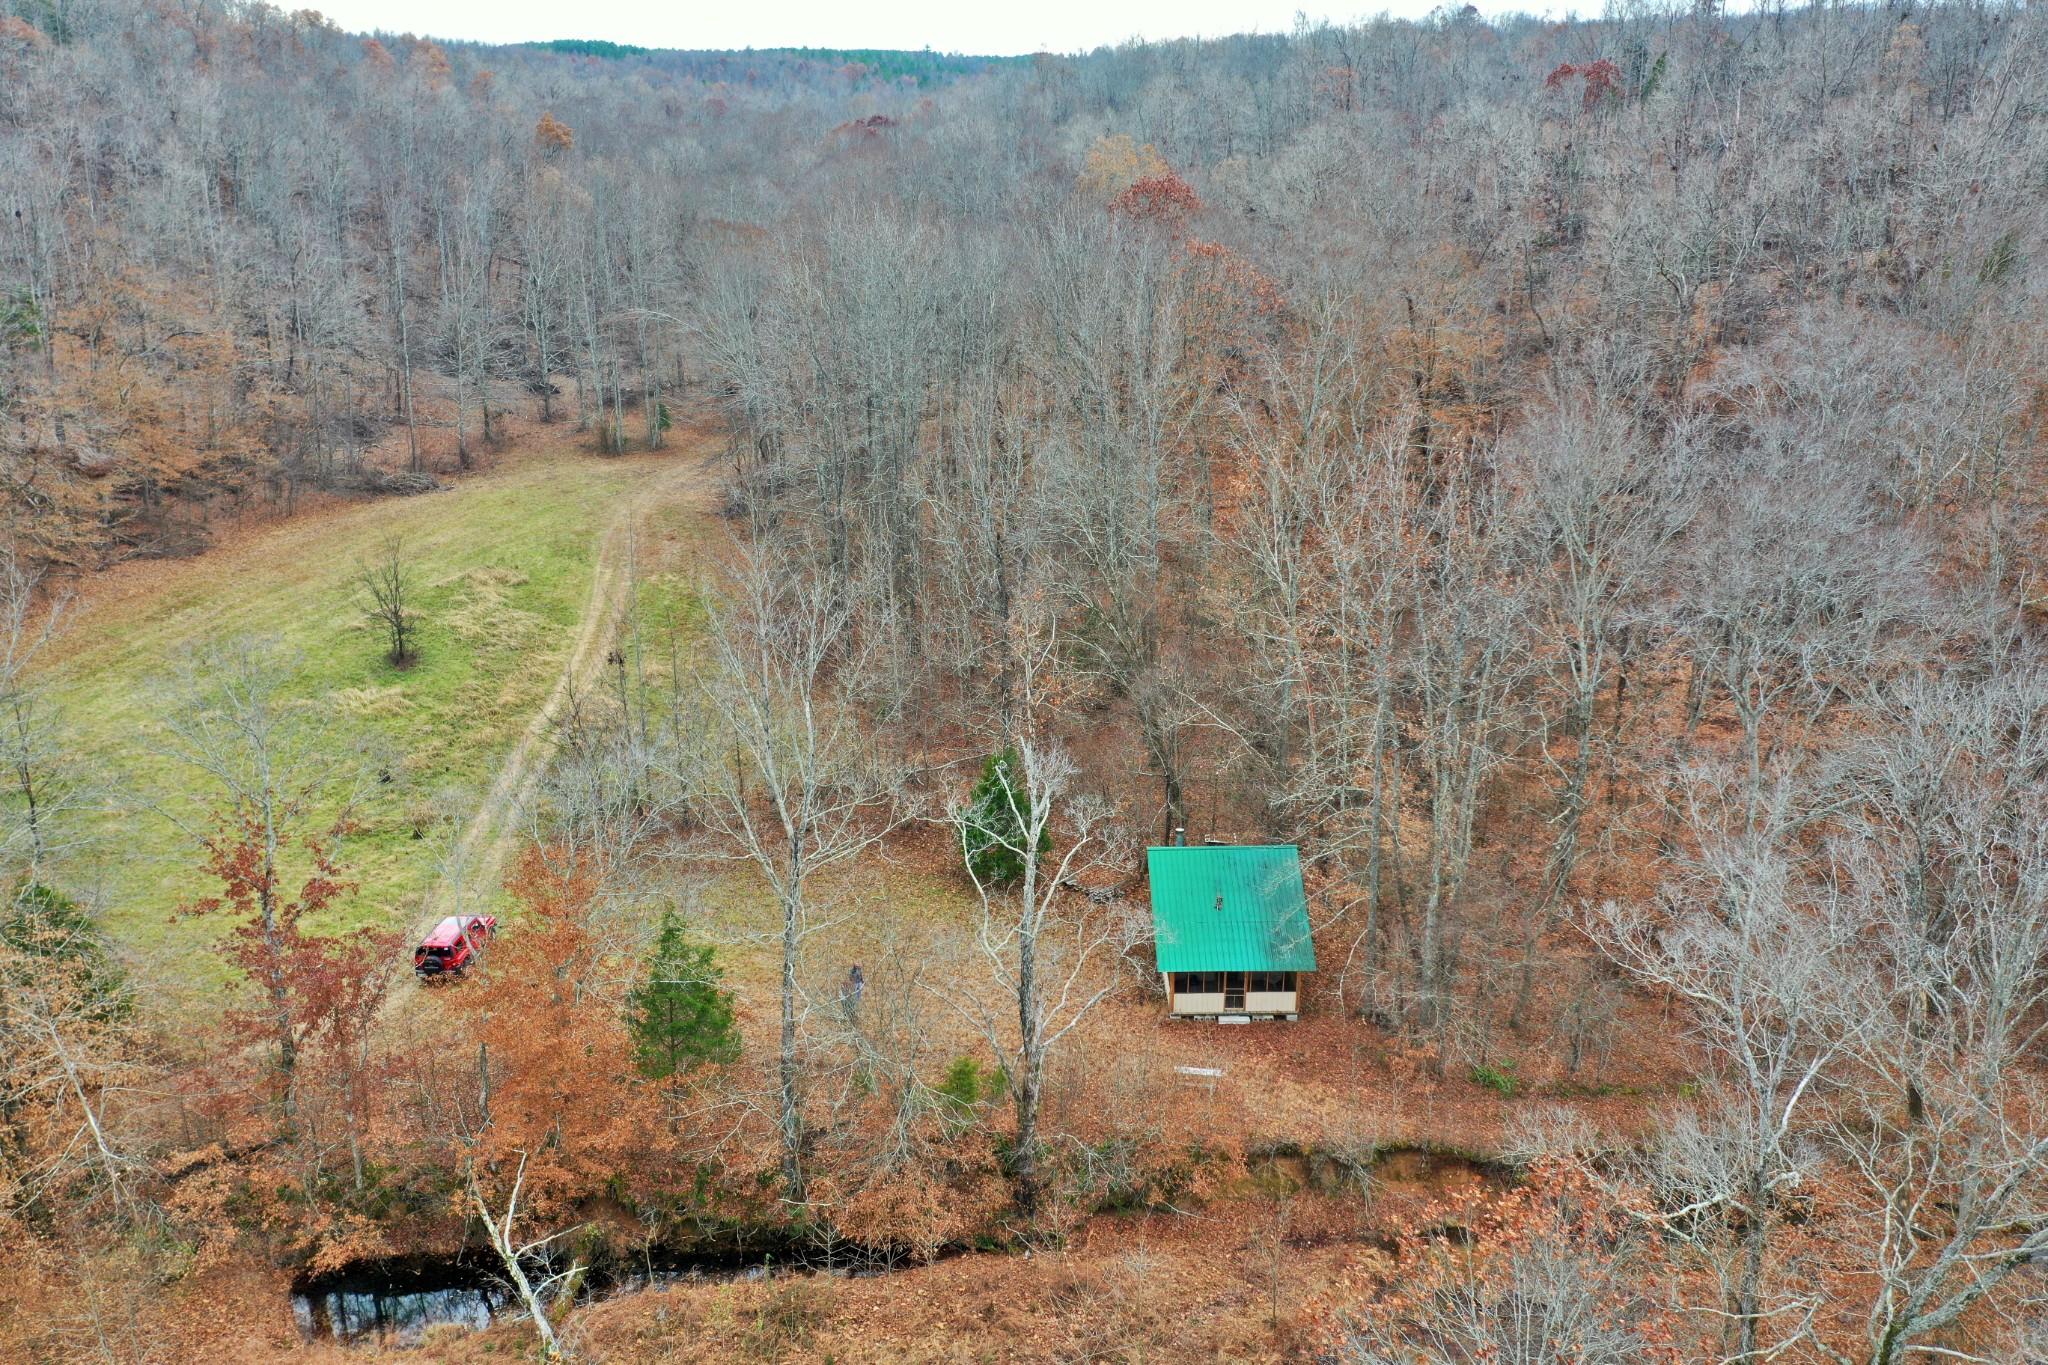 1260 South Toms Creek Rd, Linden, TN 37096 - Linden, TN real estate listing